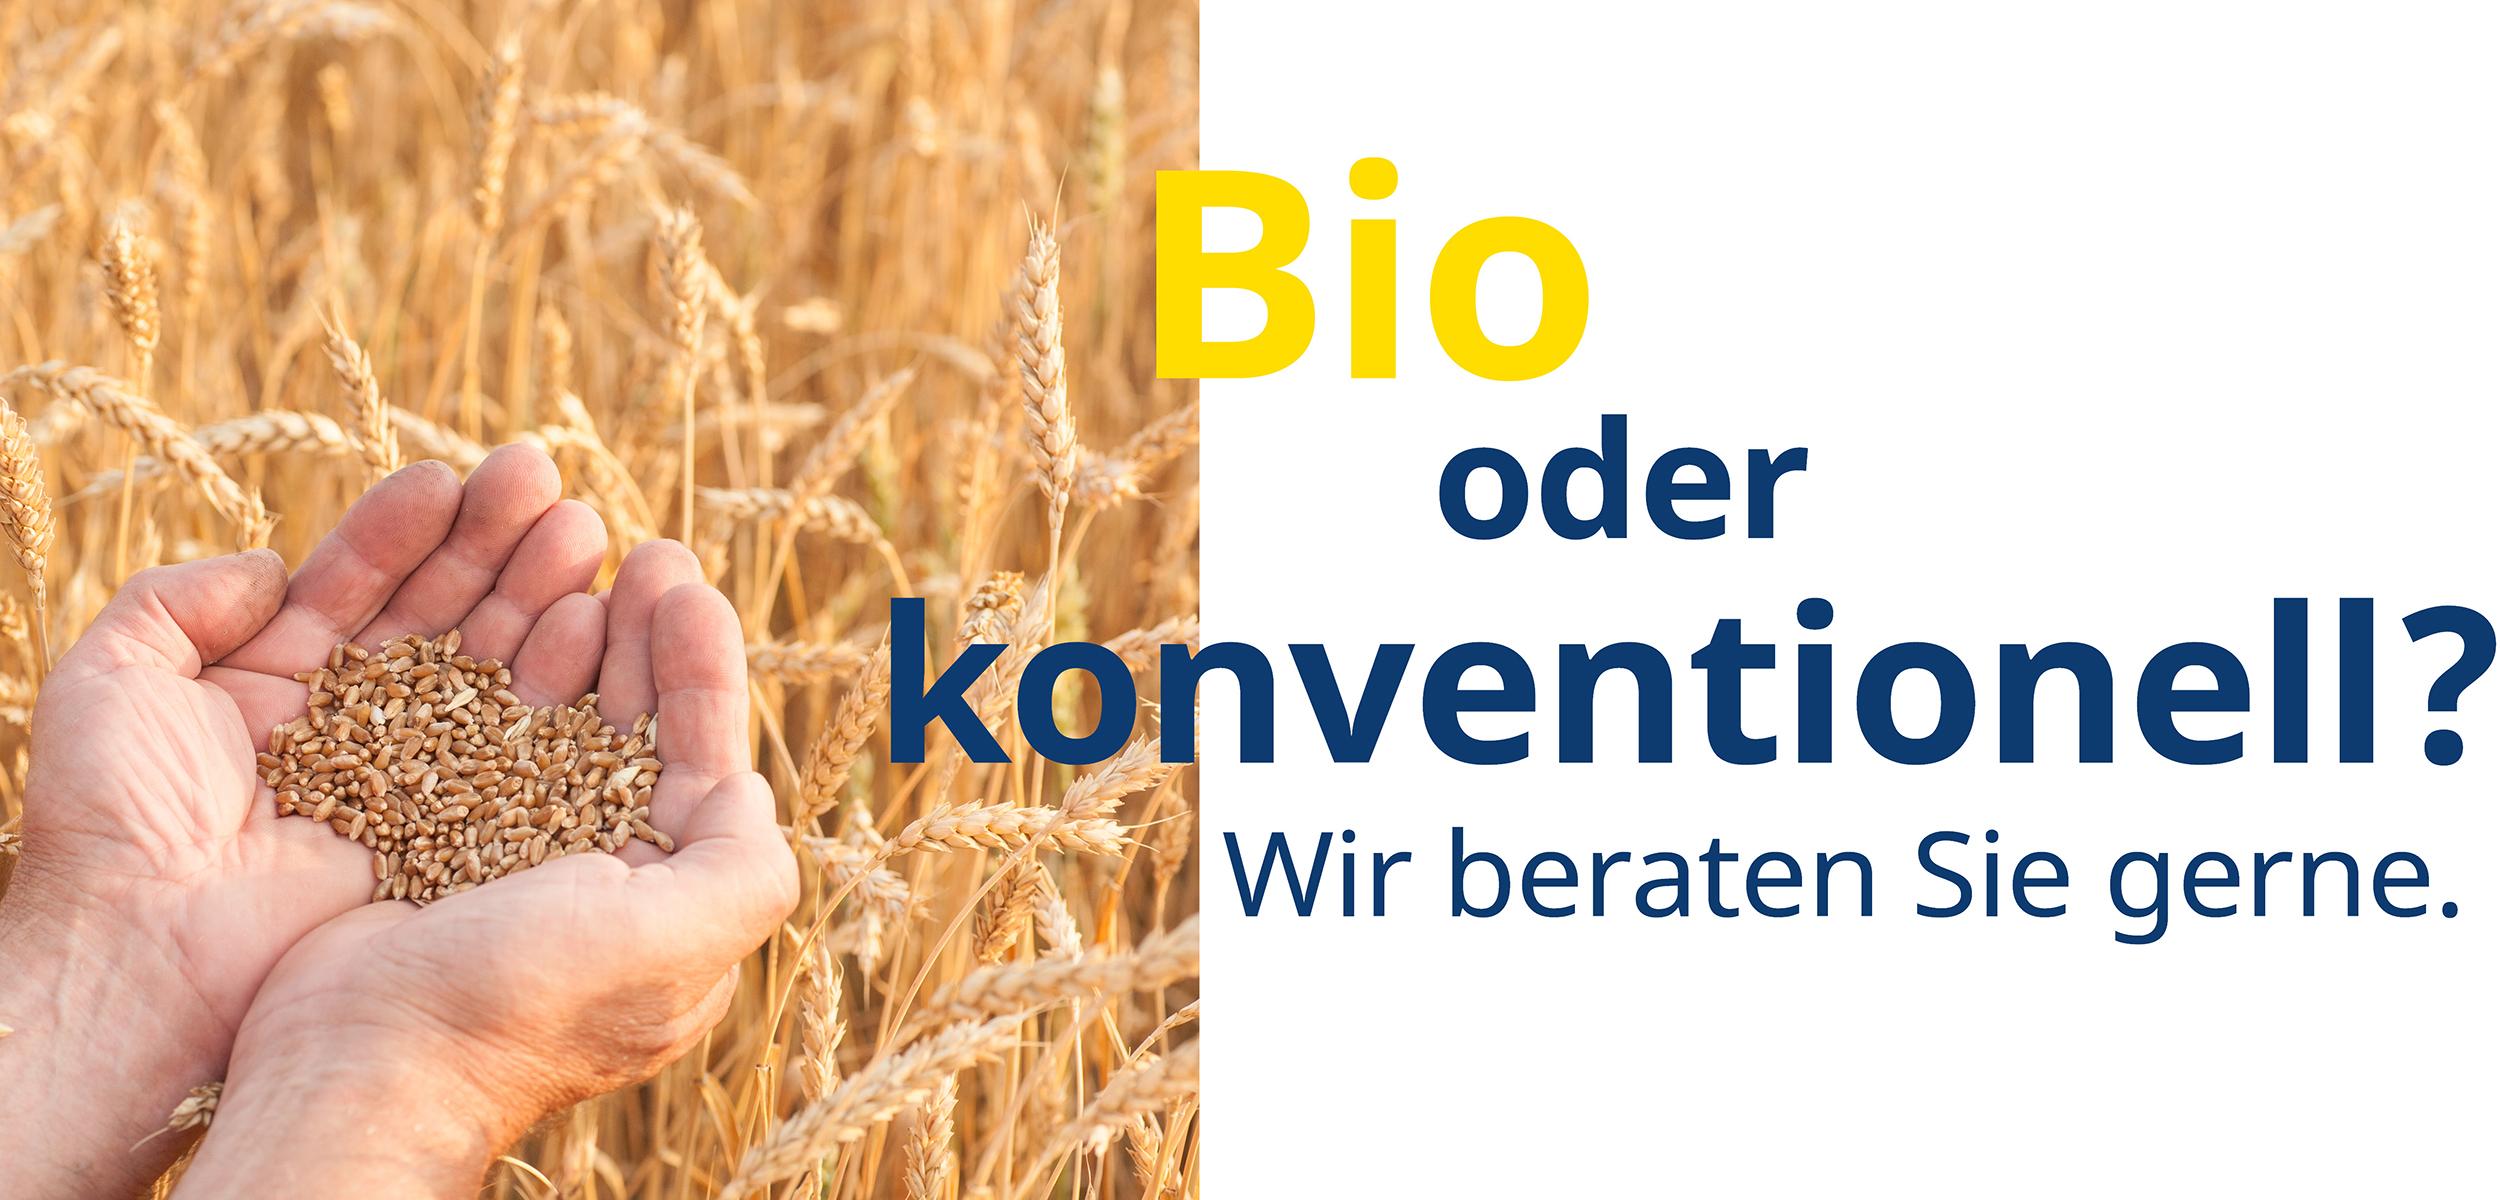 Bio oder konventionell? Wir beraten Sie gerne